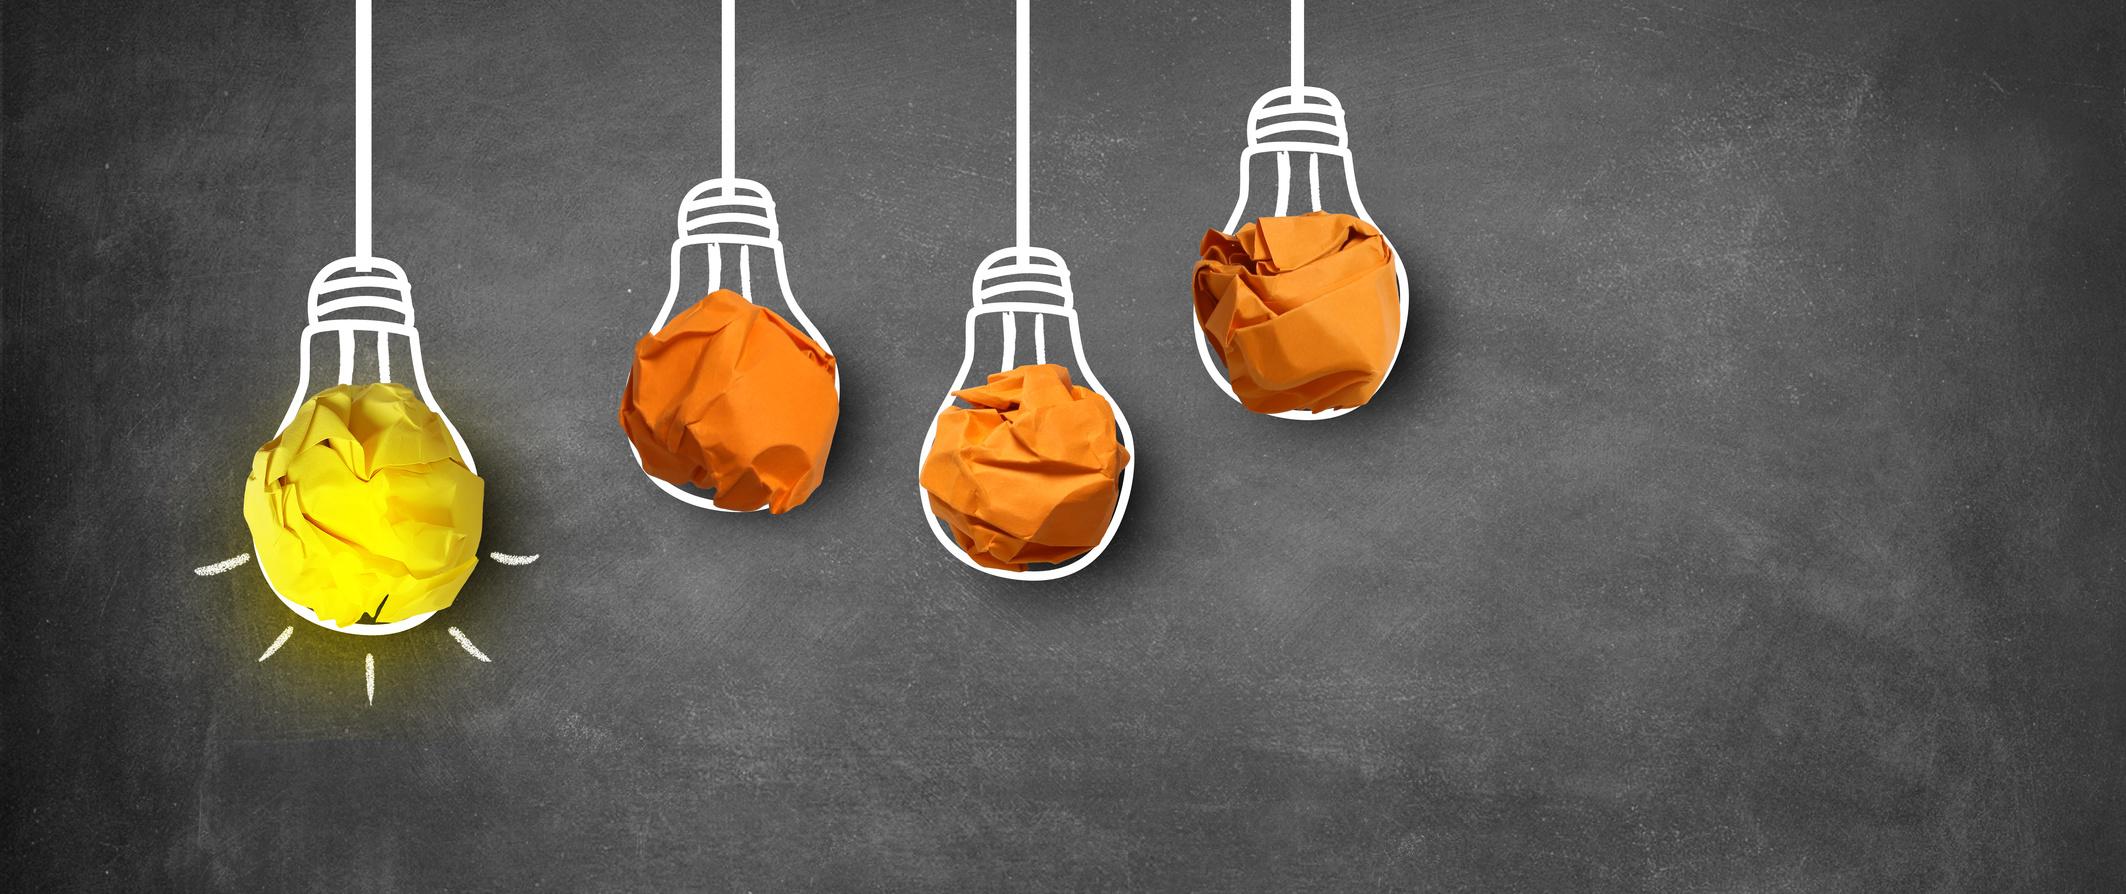 3 skuteczne metody na pozyskanie klienta